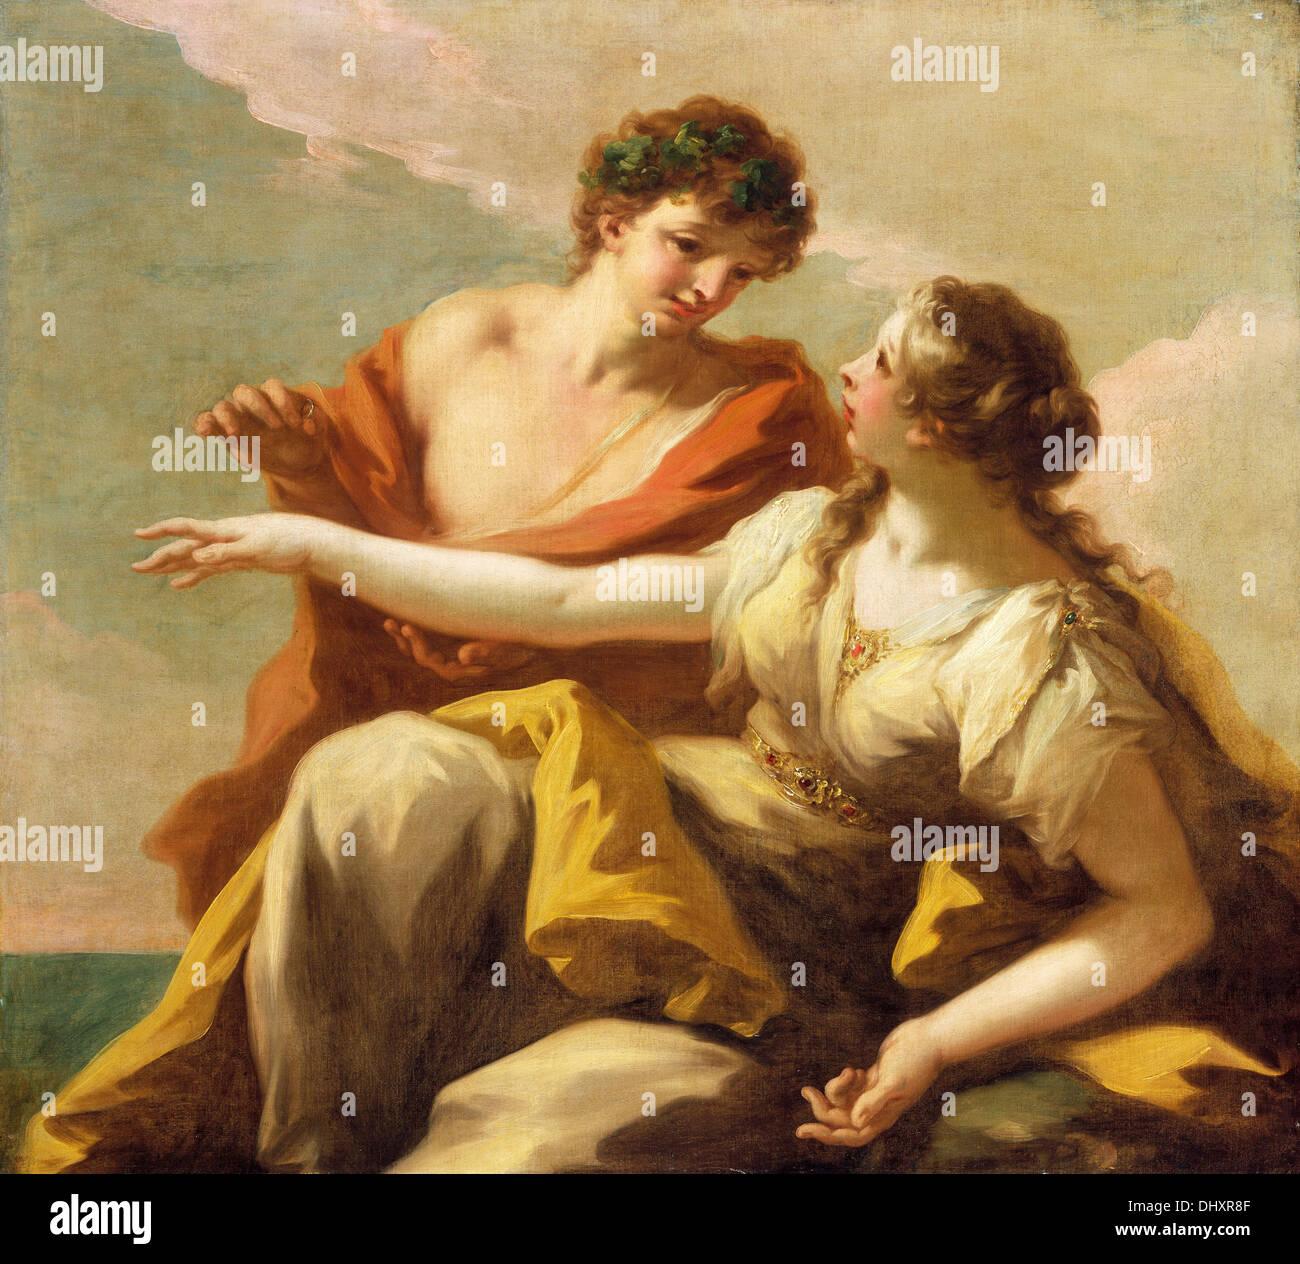 Bacchus and Ariadne - by Giovanni Antonio Pellegrini, 1720's Stock Photo